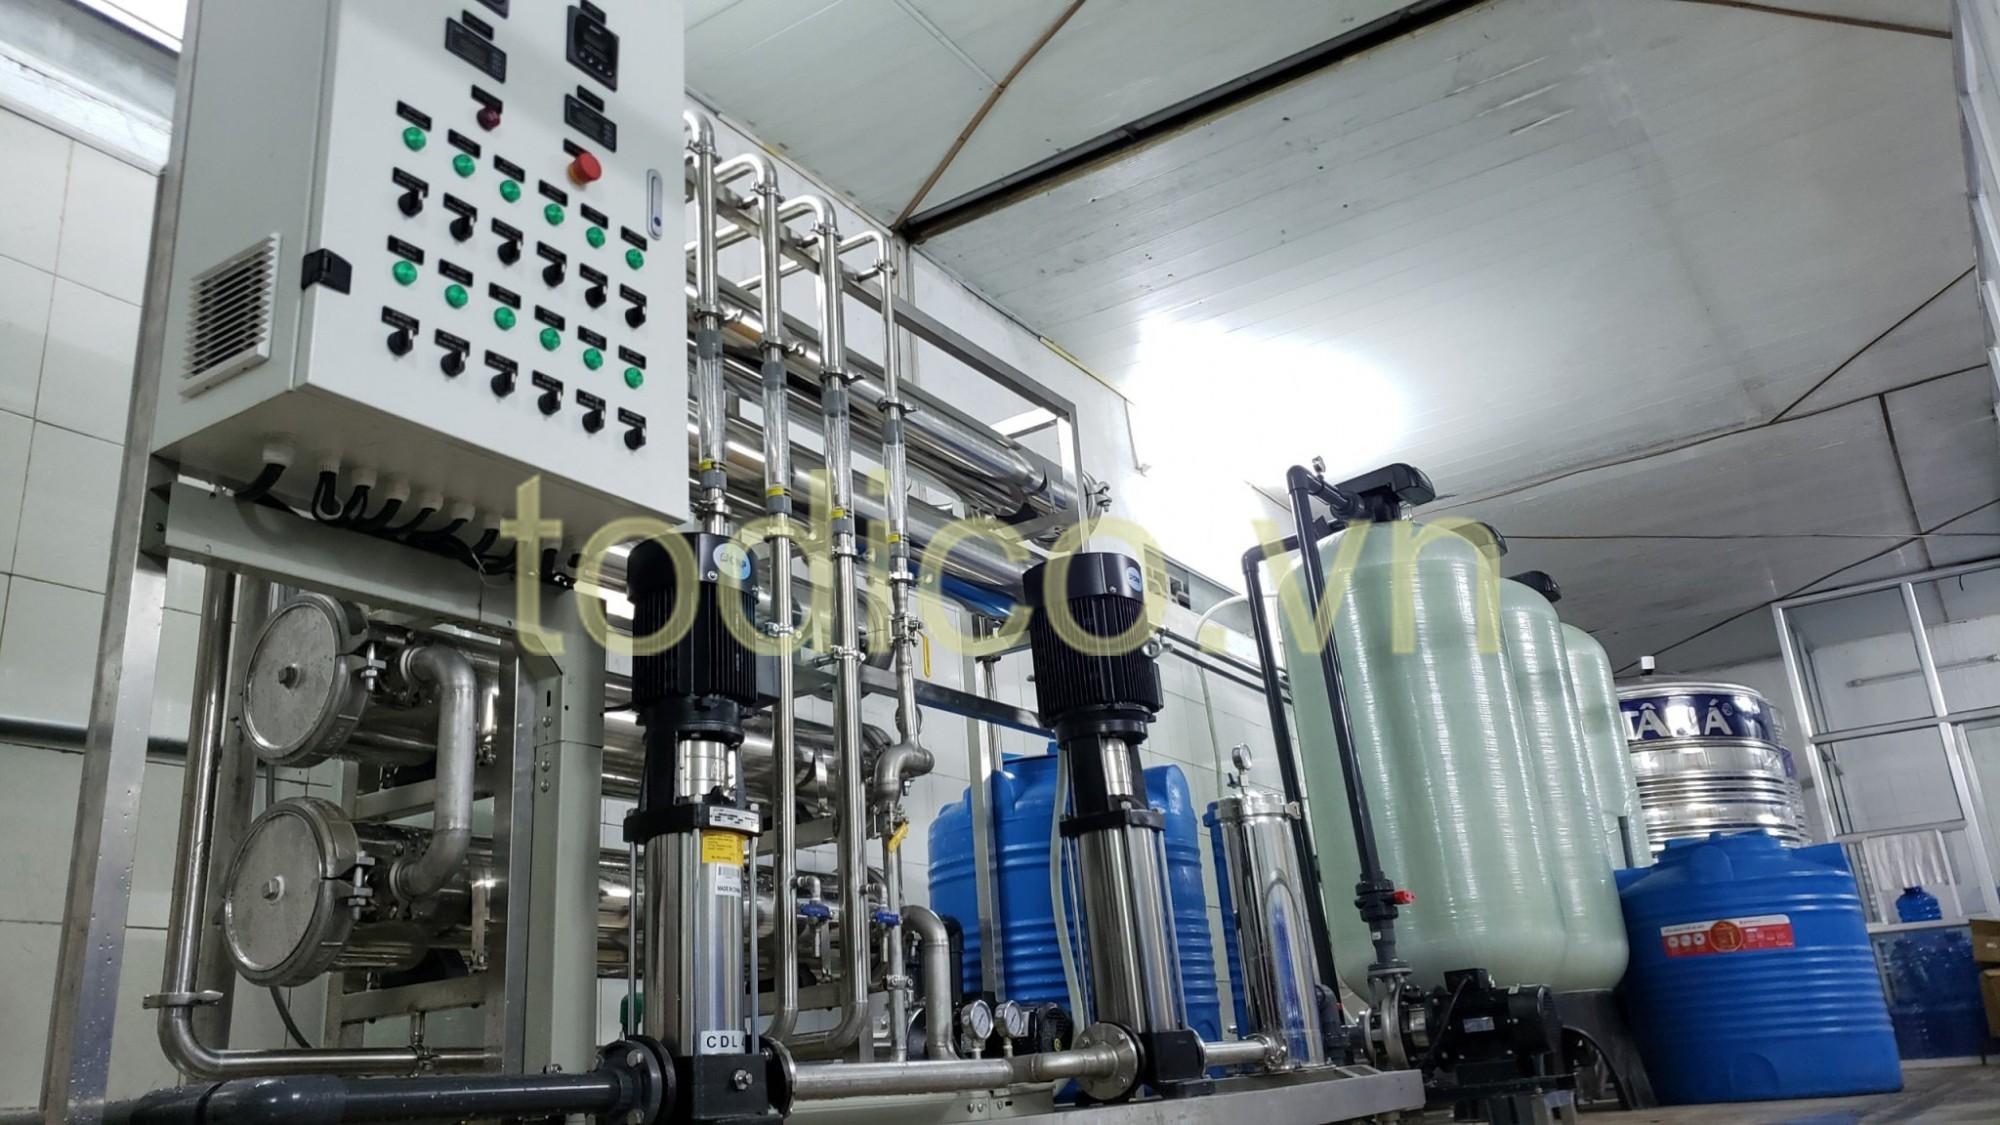 Hệ thống xử lý nước uống tinh khiết đóng bình CS 4 m3/h + xử lý nước làm mát động cơ máy CS 2 m3/h